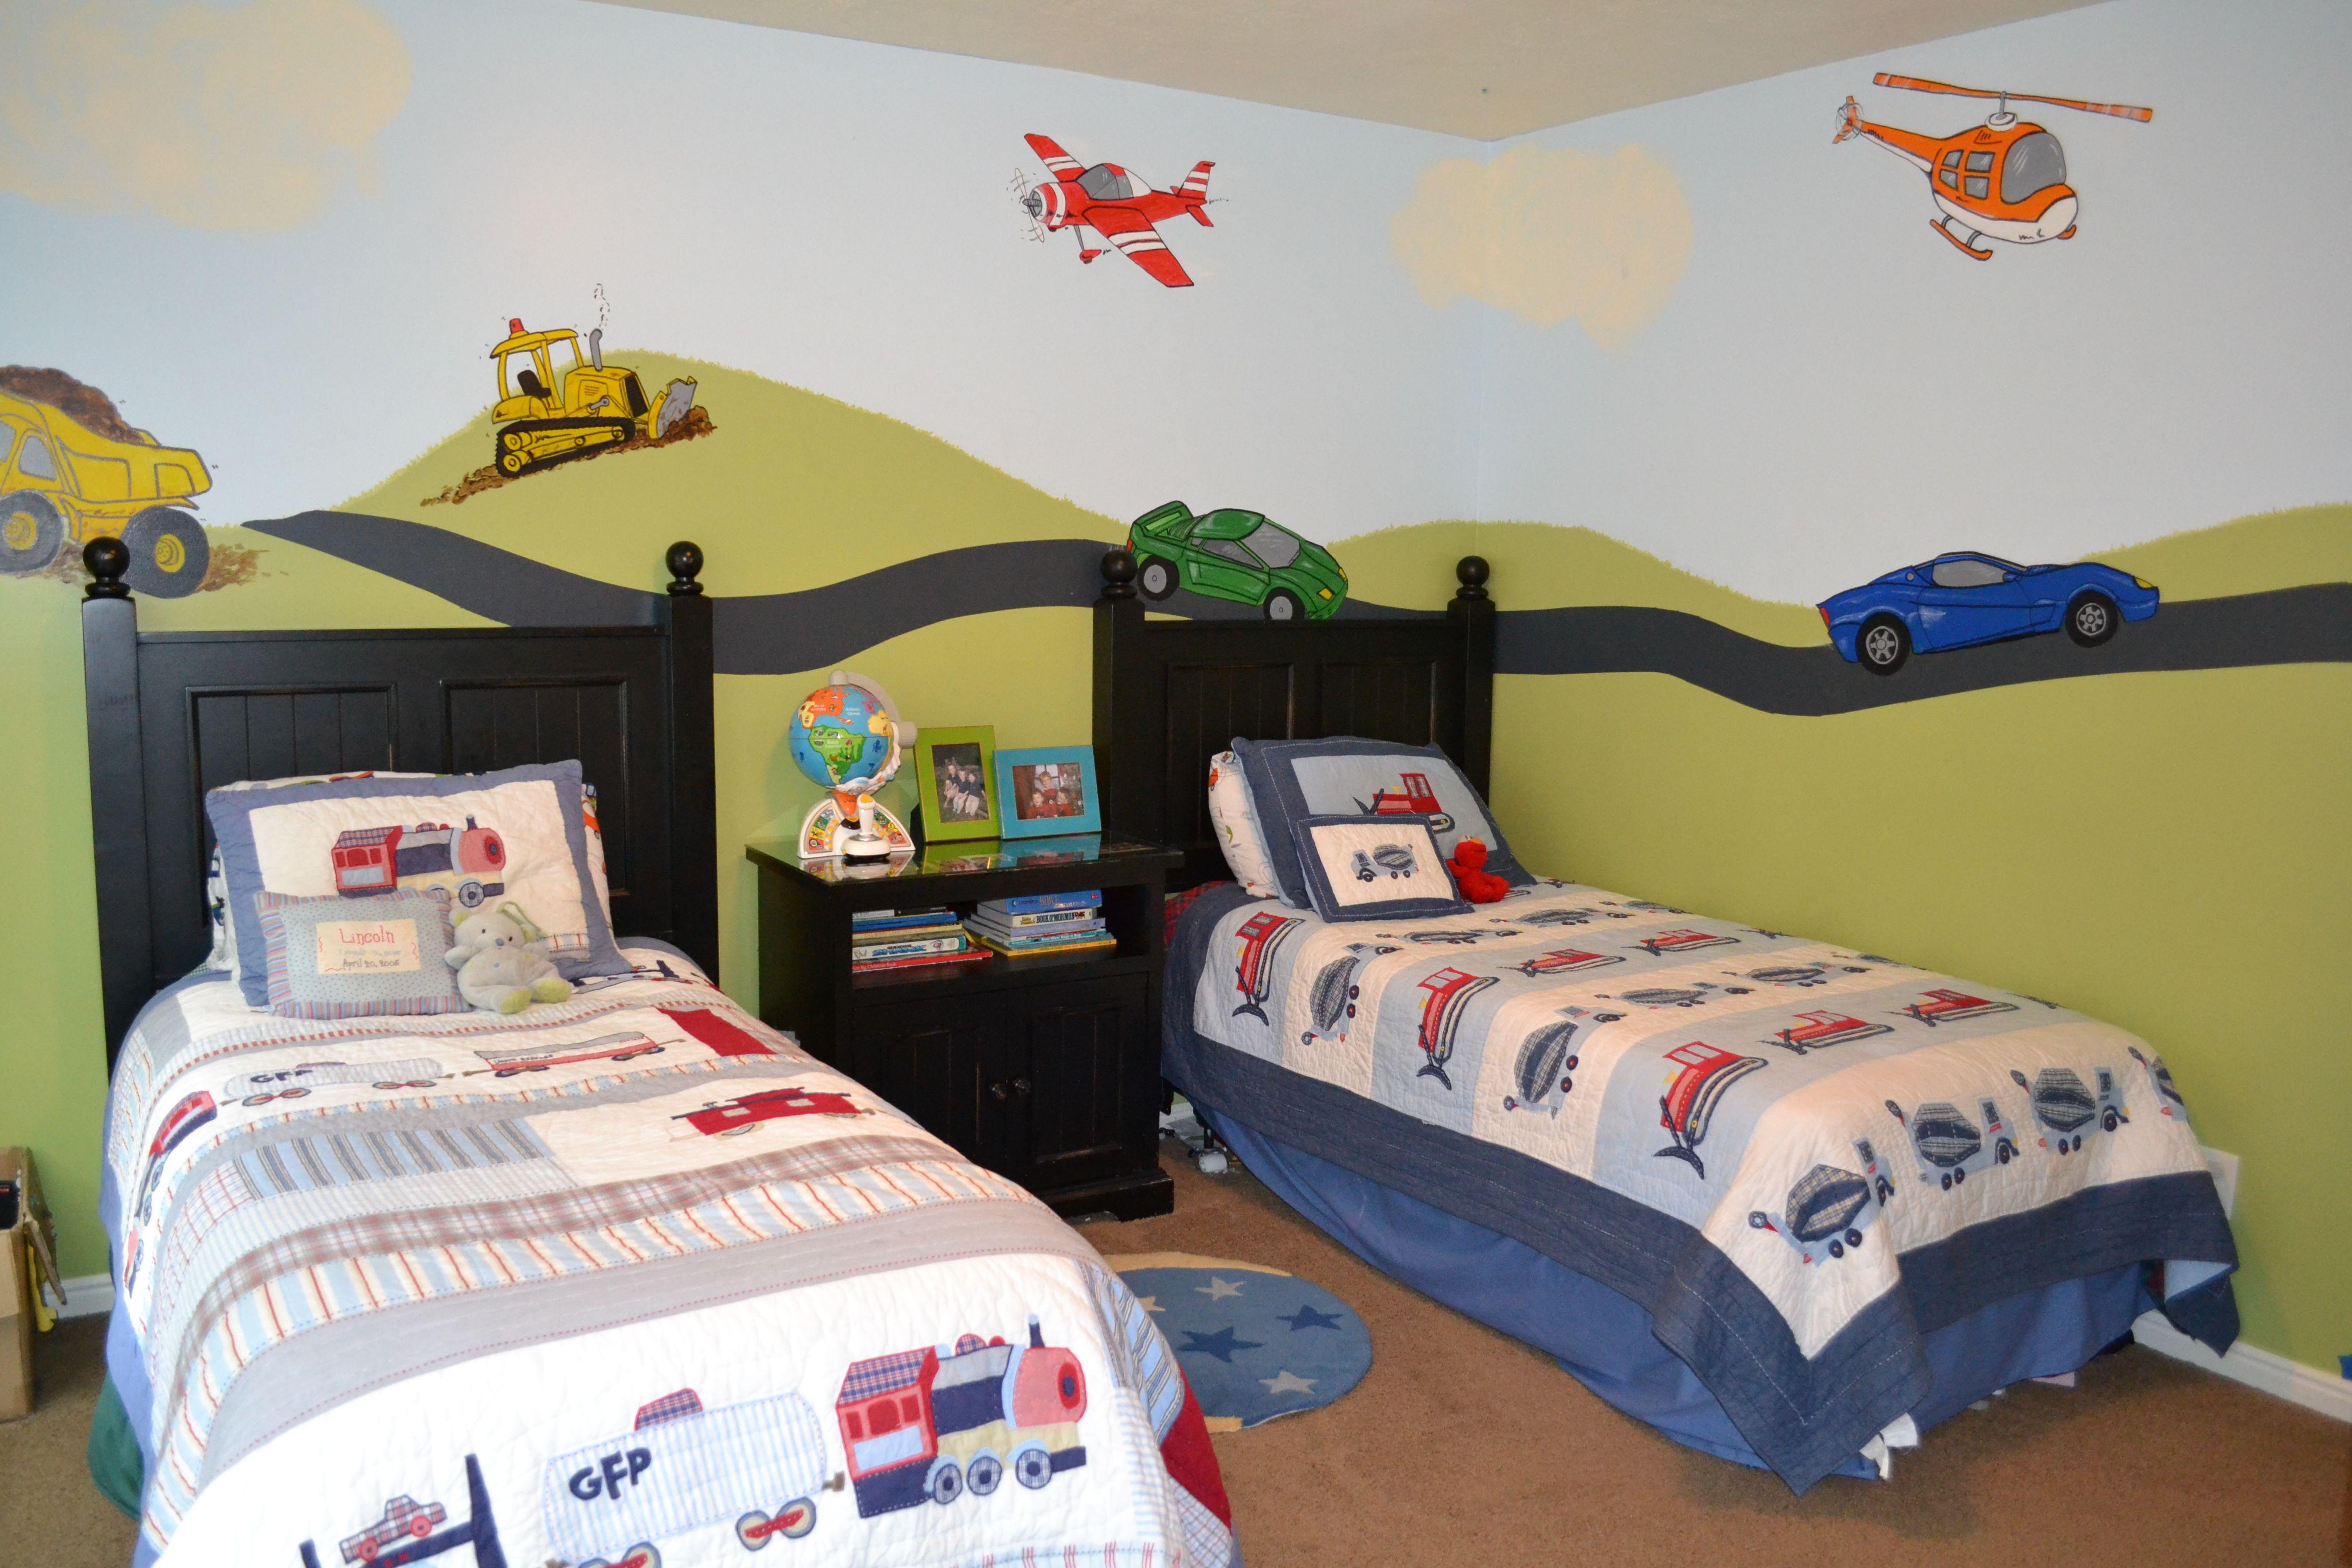 Chuggington Wall Stickers Slaapkamer Idee Voor Jongen Planes Combineren Met Cars